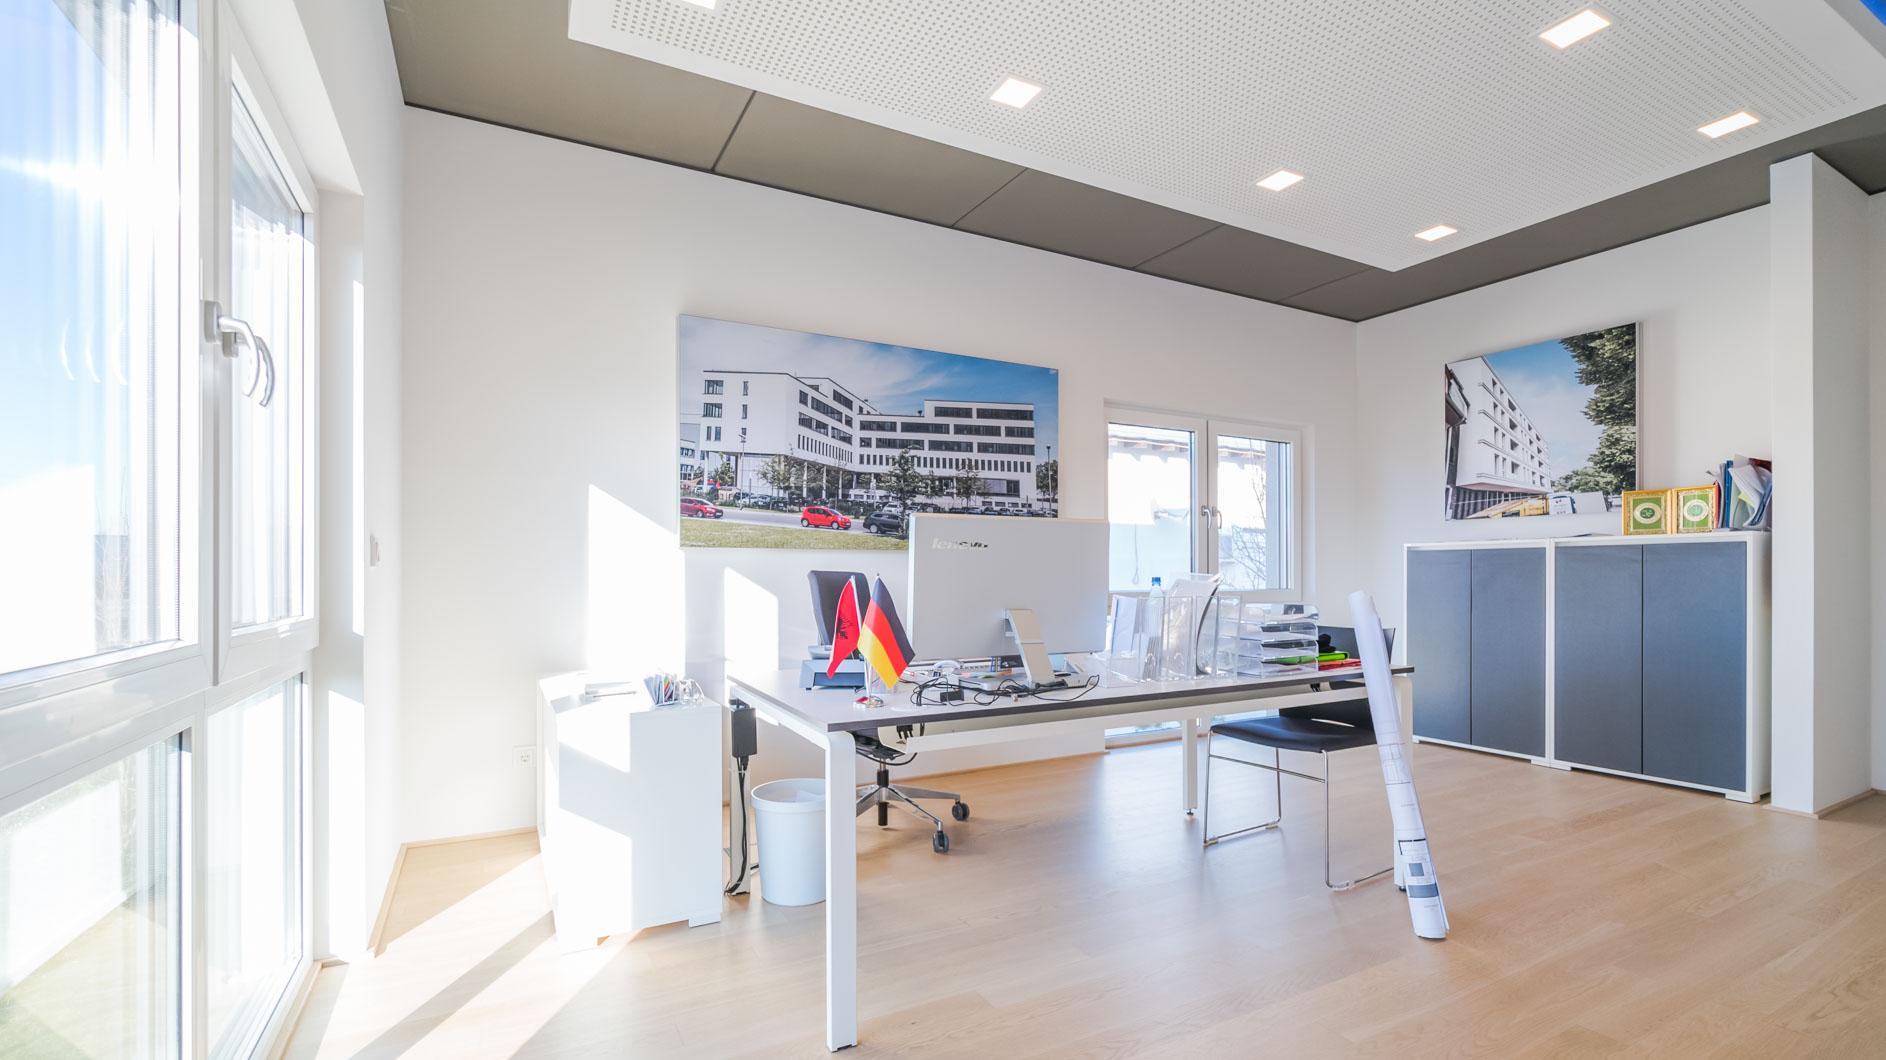 decoplan GmbH, Ziberi Projekt- & Wohnbau, Ziberi GmbH & Co. KG, Mainz, Schlüsselfertiges Bauen